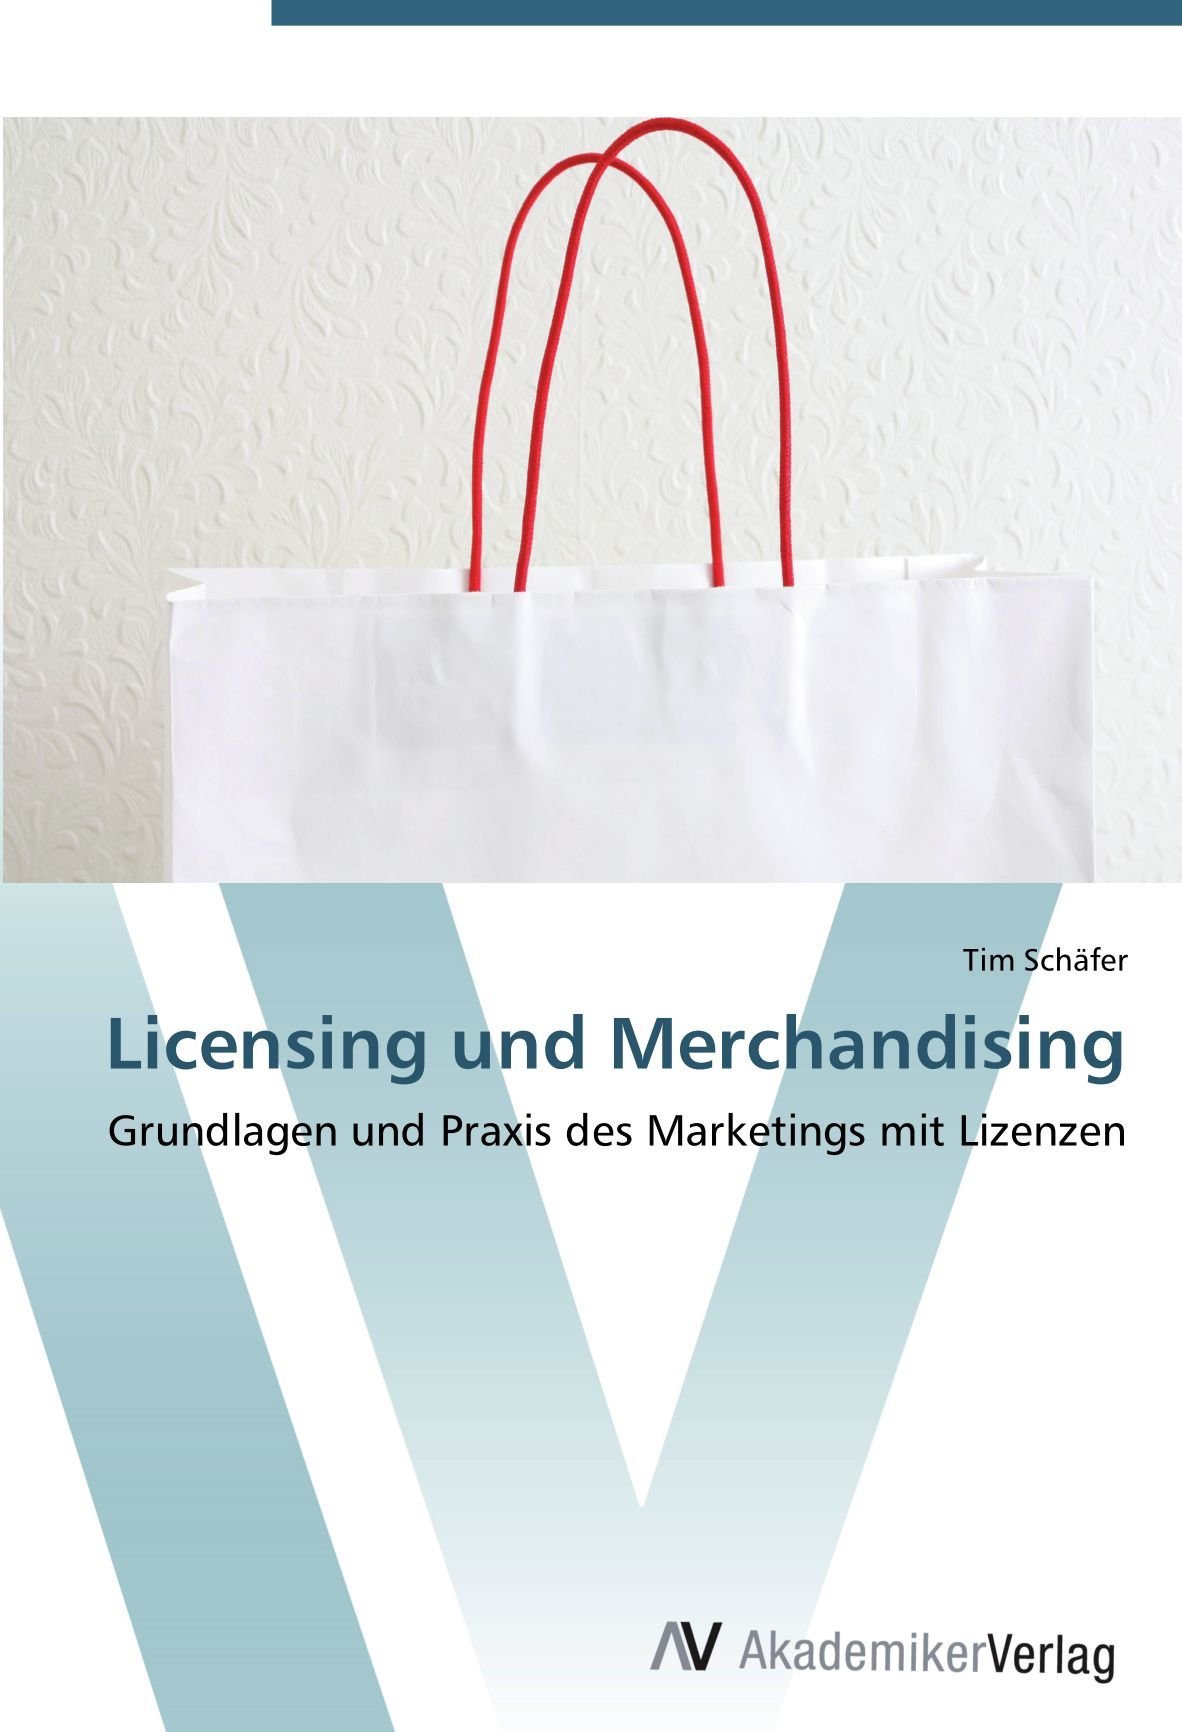 Licensing und Merchandising: Grundlagen und Praxis des Marketings mit Lizenzen